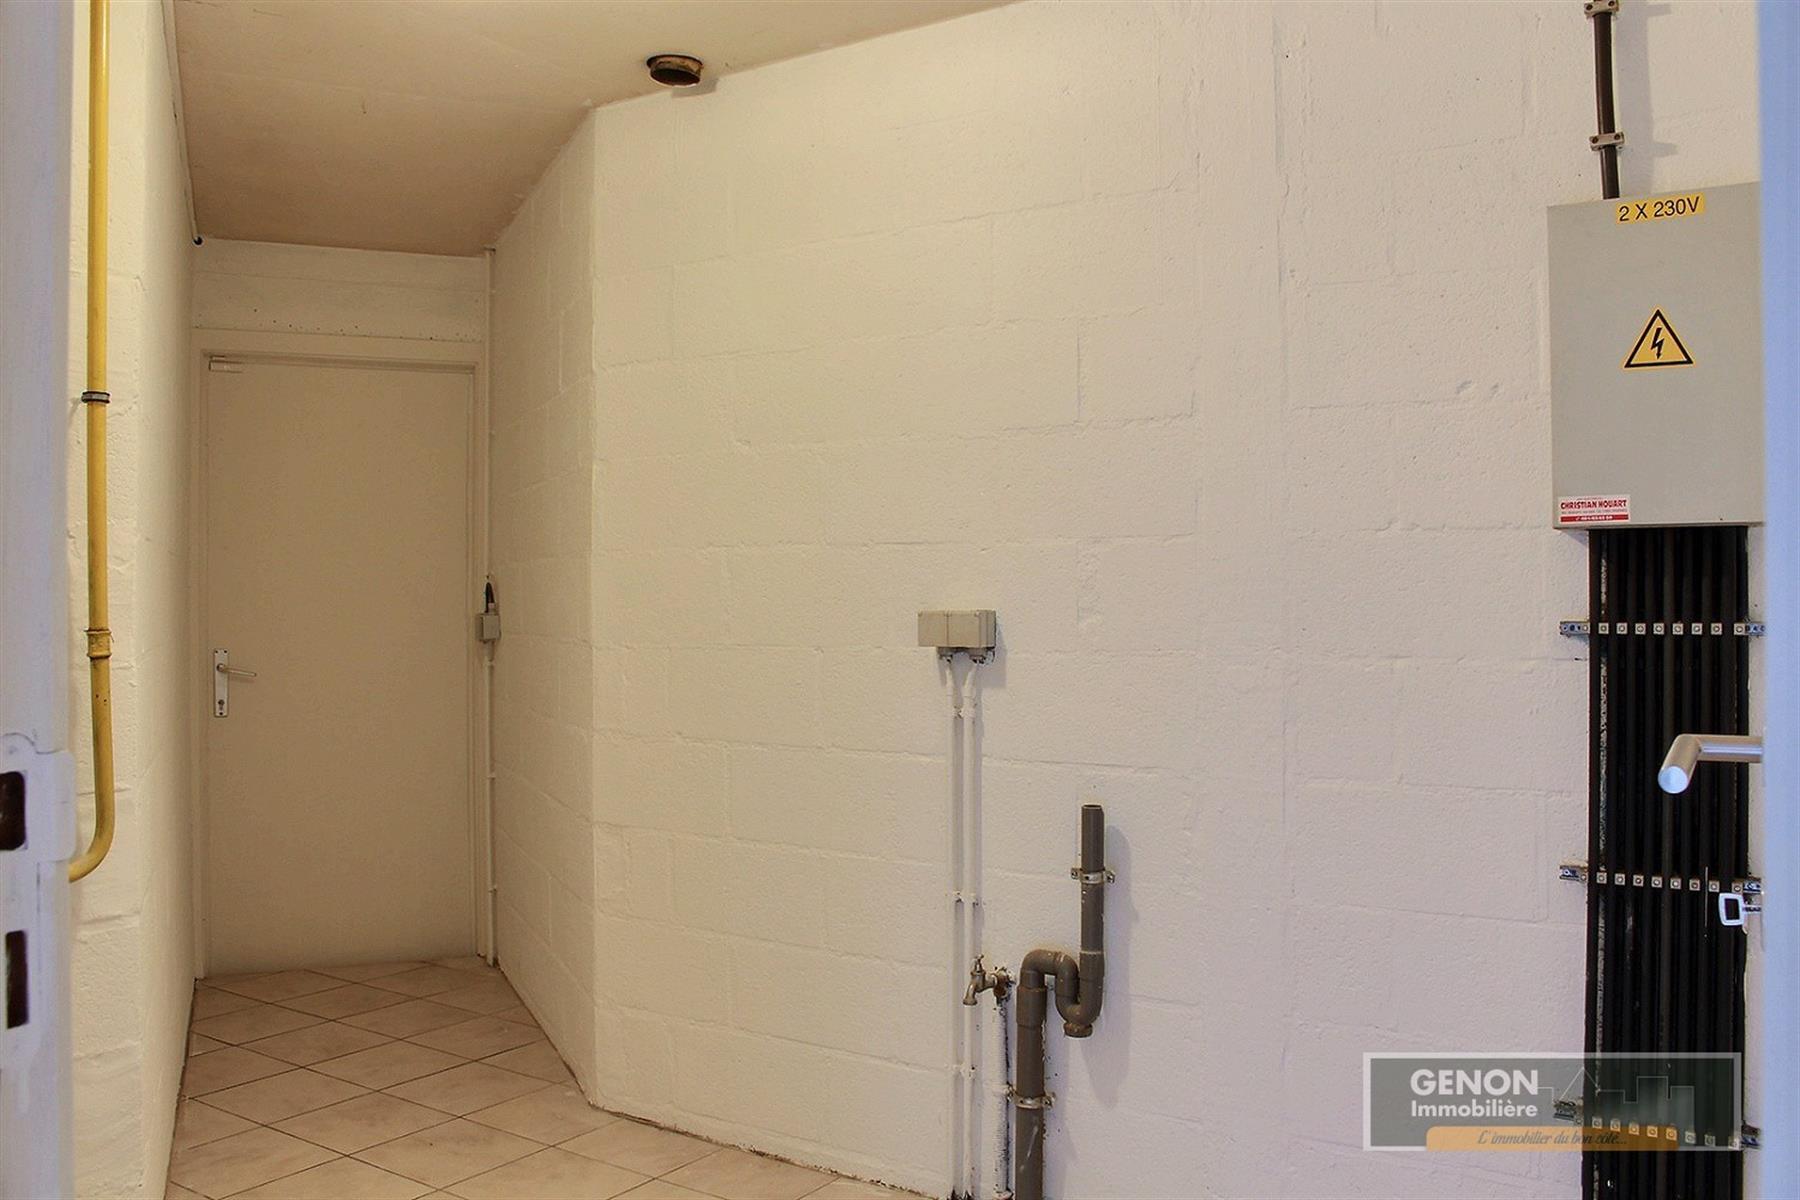 Appartement - Ottignies-Louvain-la-Neuve - #4244956-7